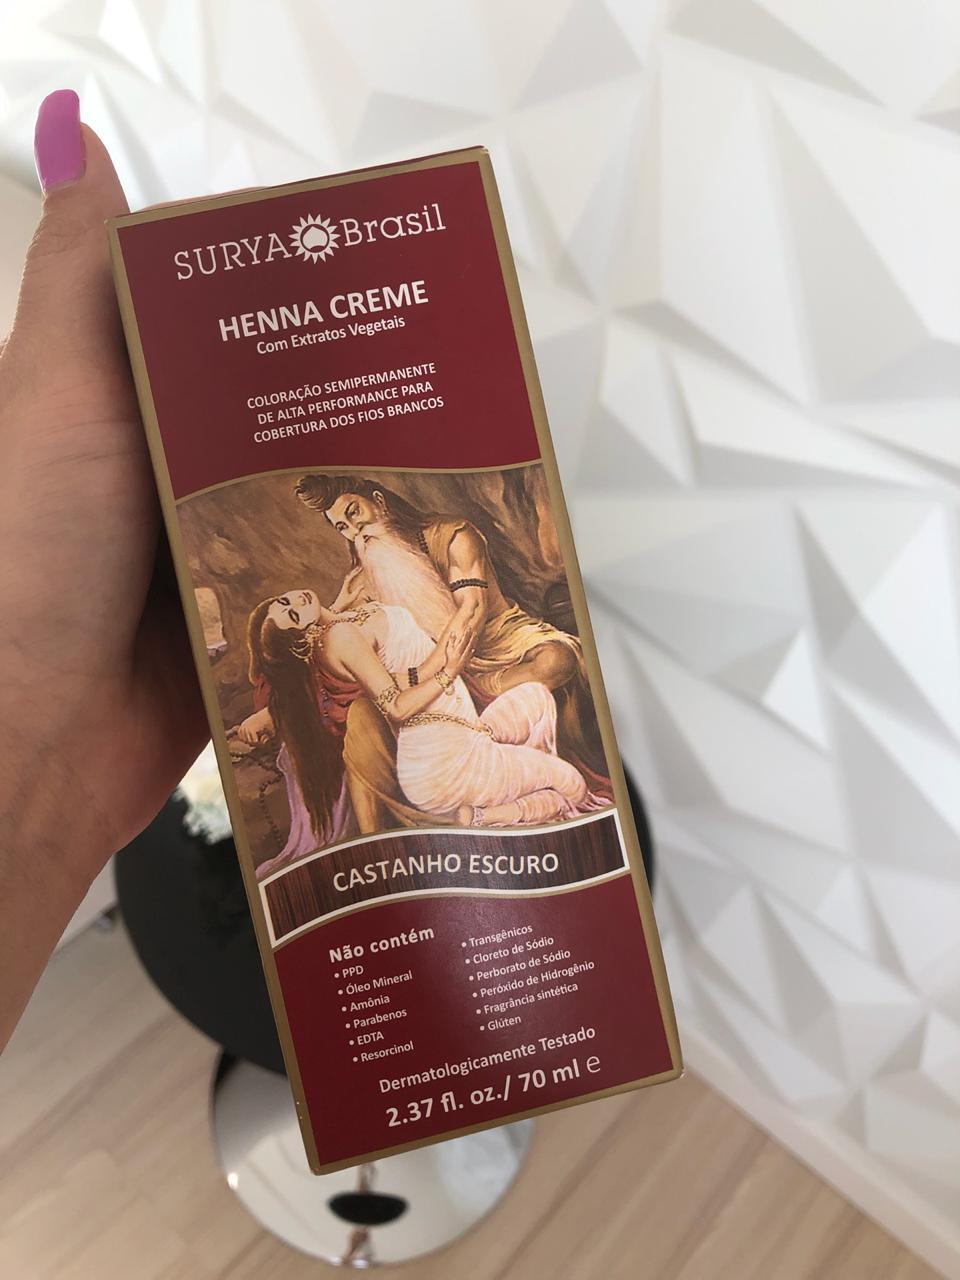 coloracao-cem-por-cento-vegana-henna-creme-da-surya-brasil-e-boa-resenha-embalagem